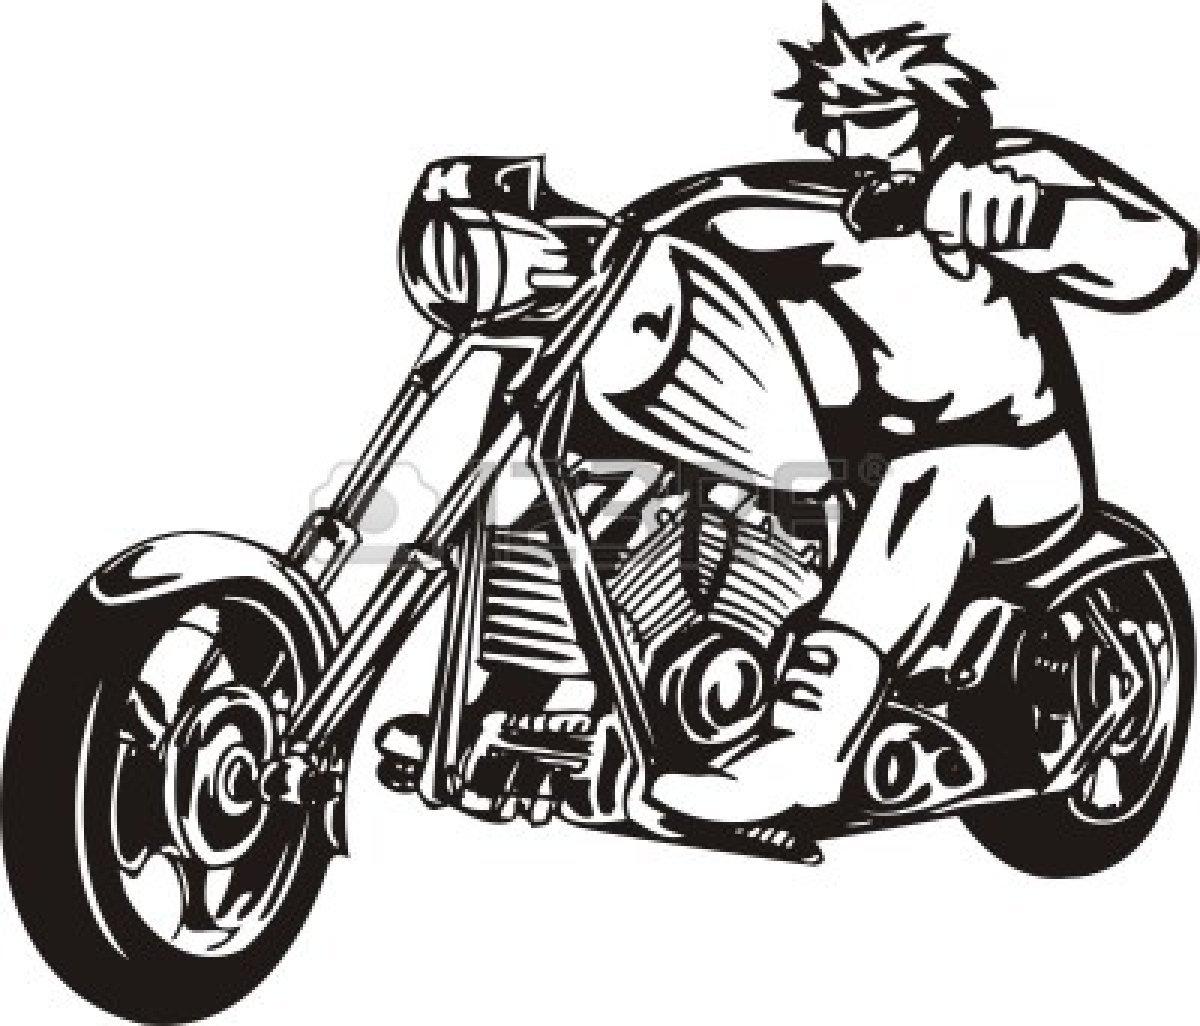 biker clipart - photo #14